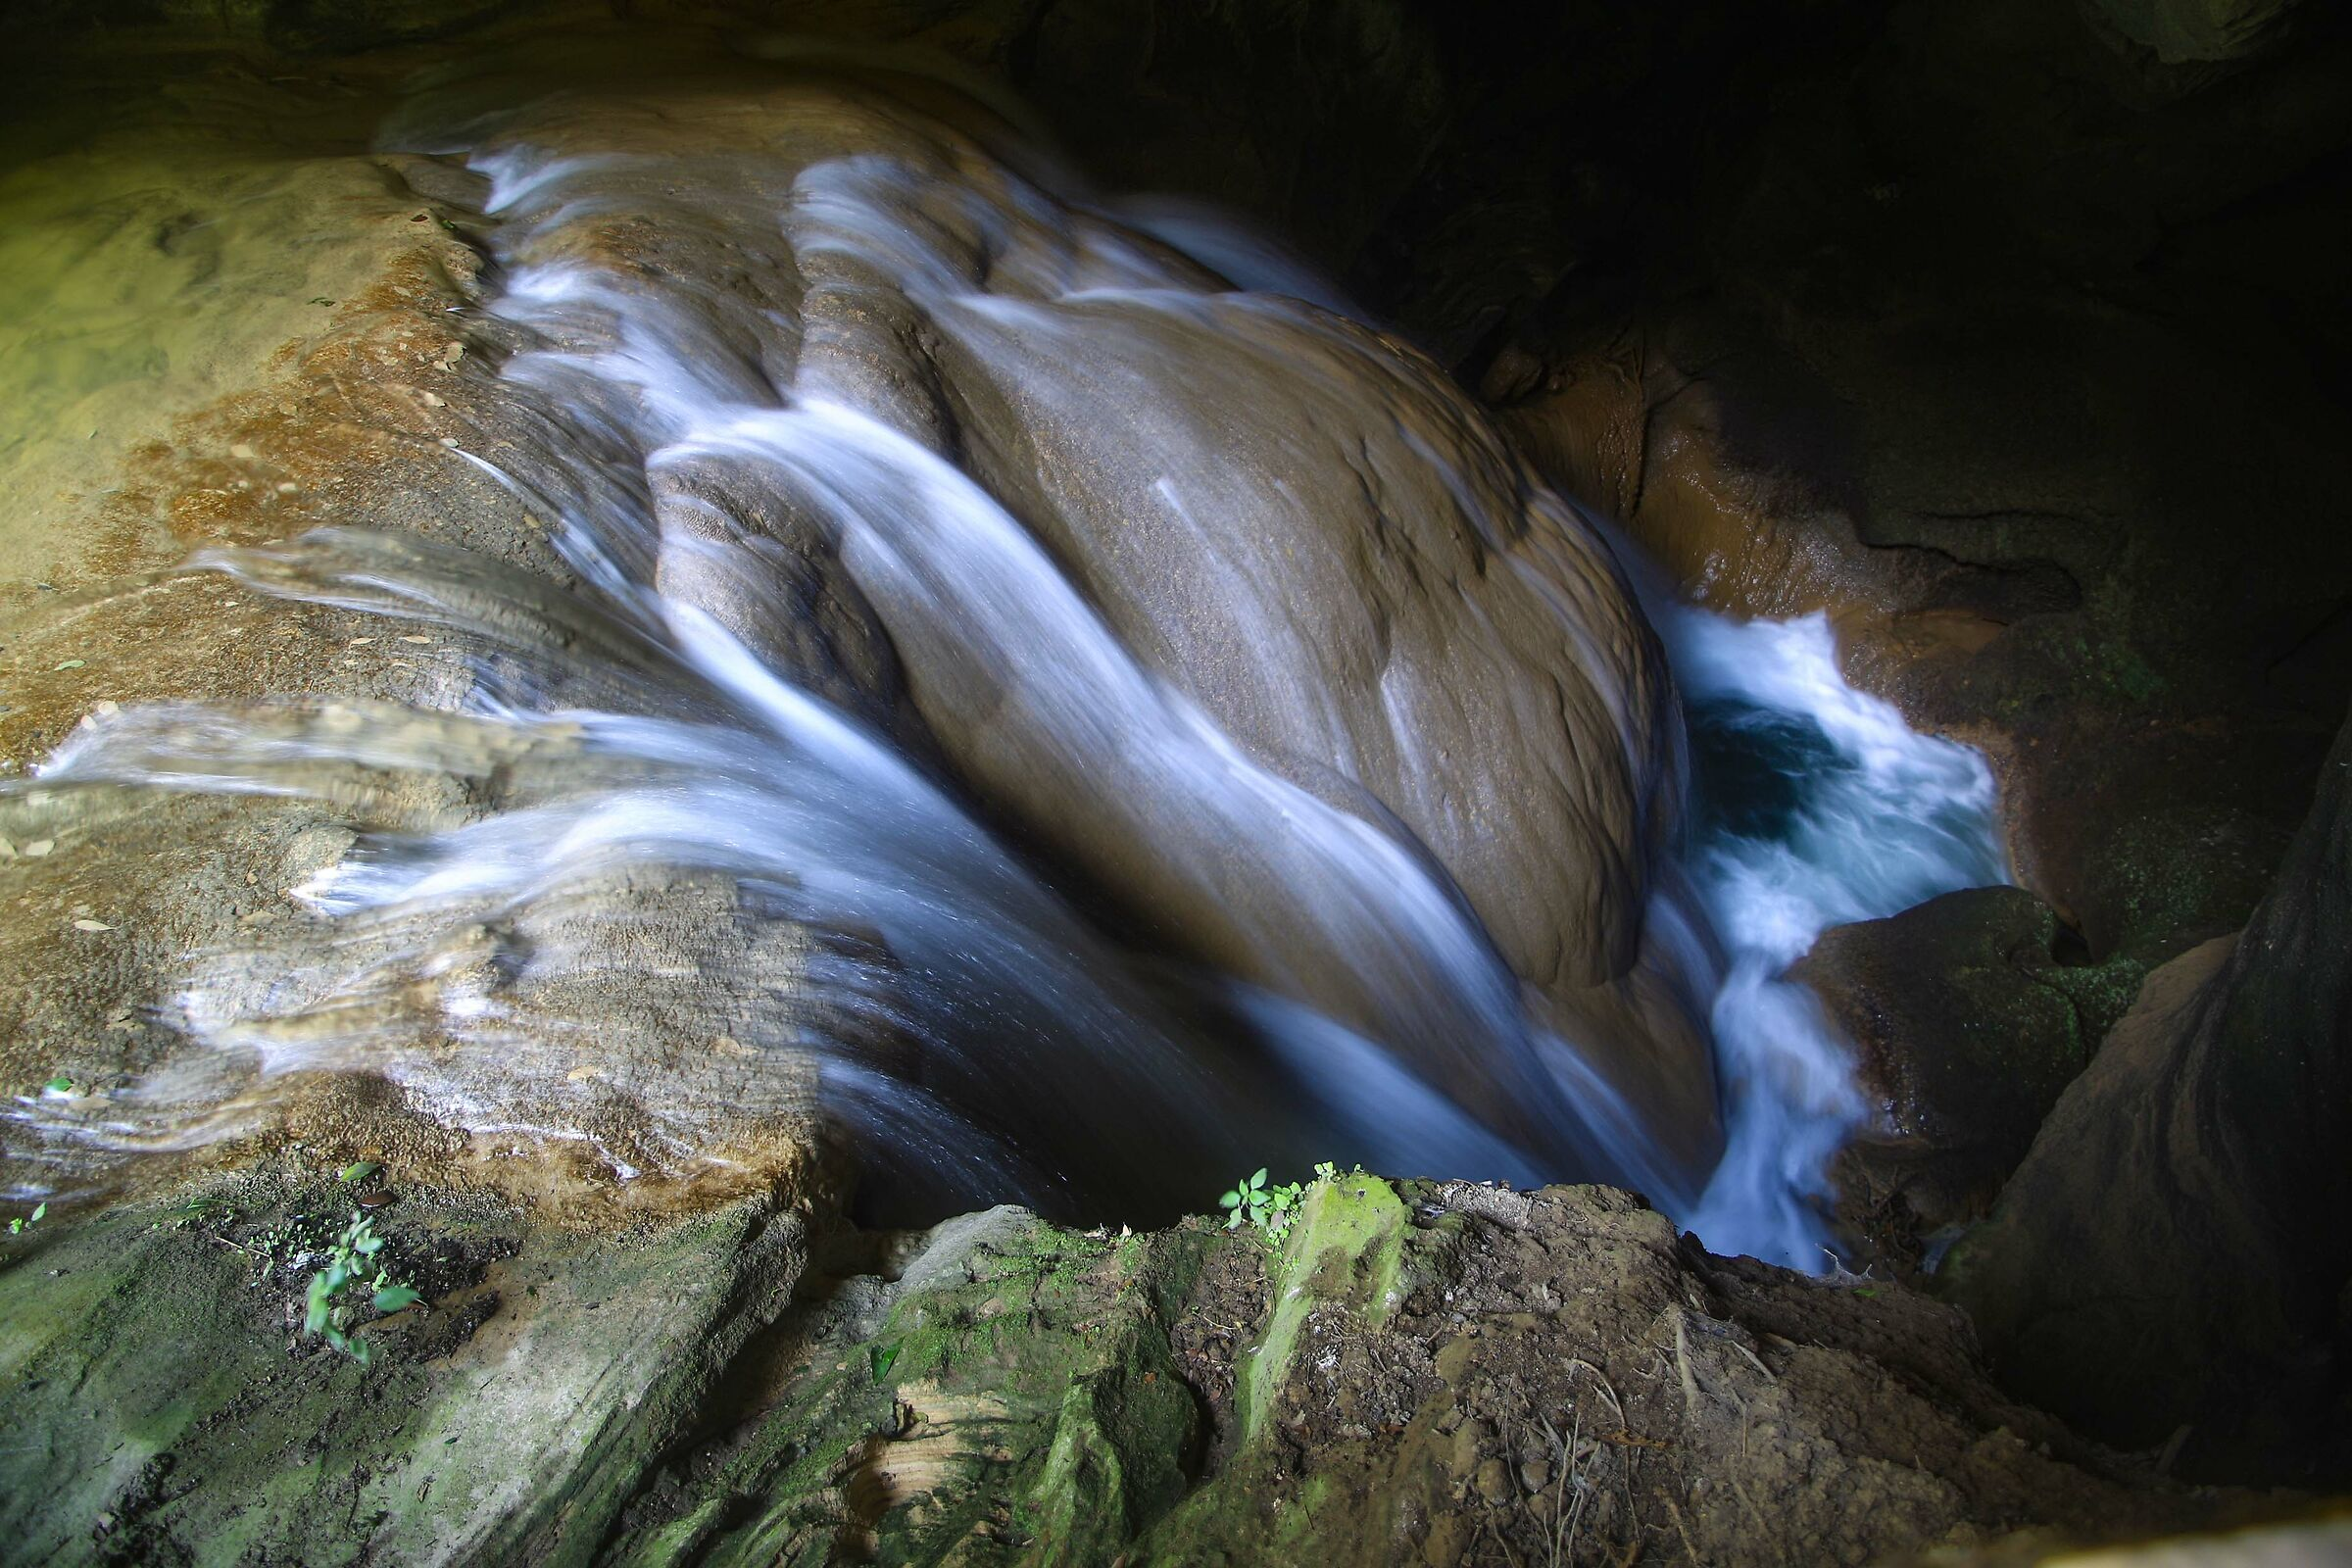 Particular Mermaid Cave ...